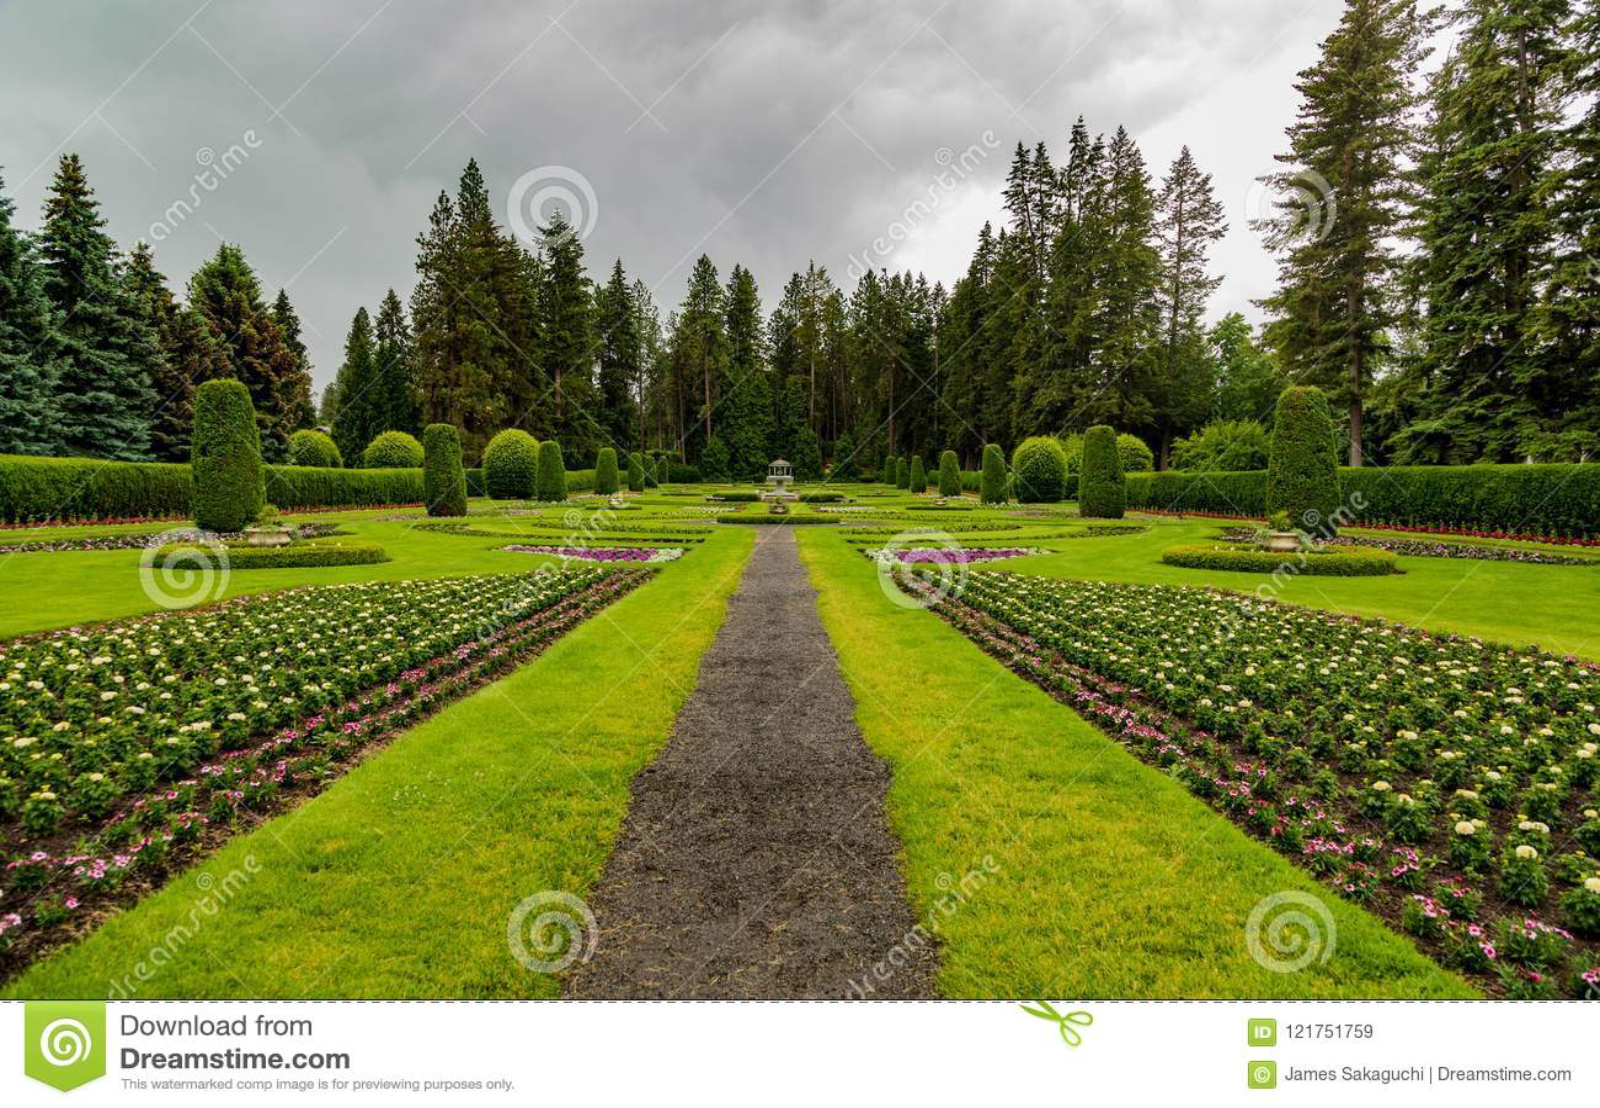 Πάρκο Manito τη νεφελώδη ημέρα στο Spokane